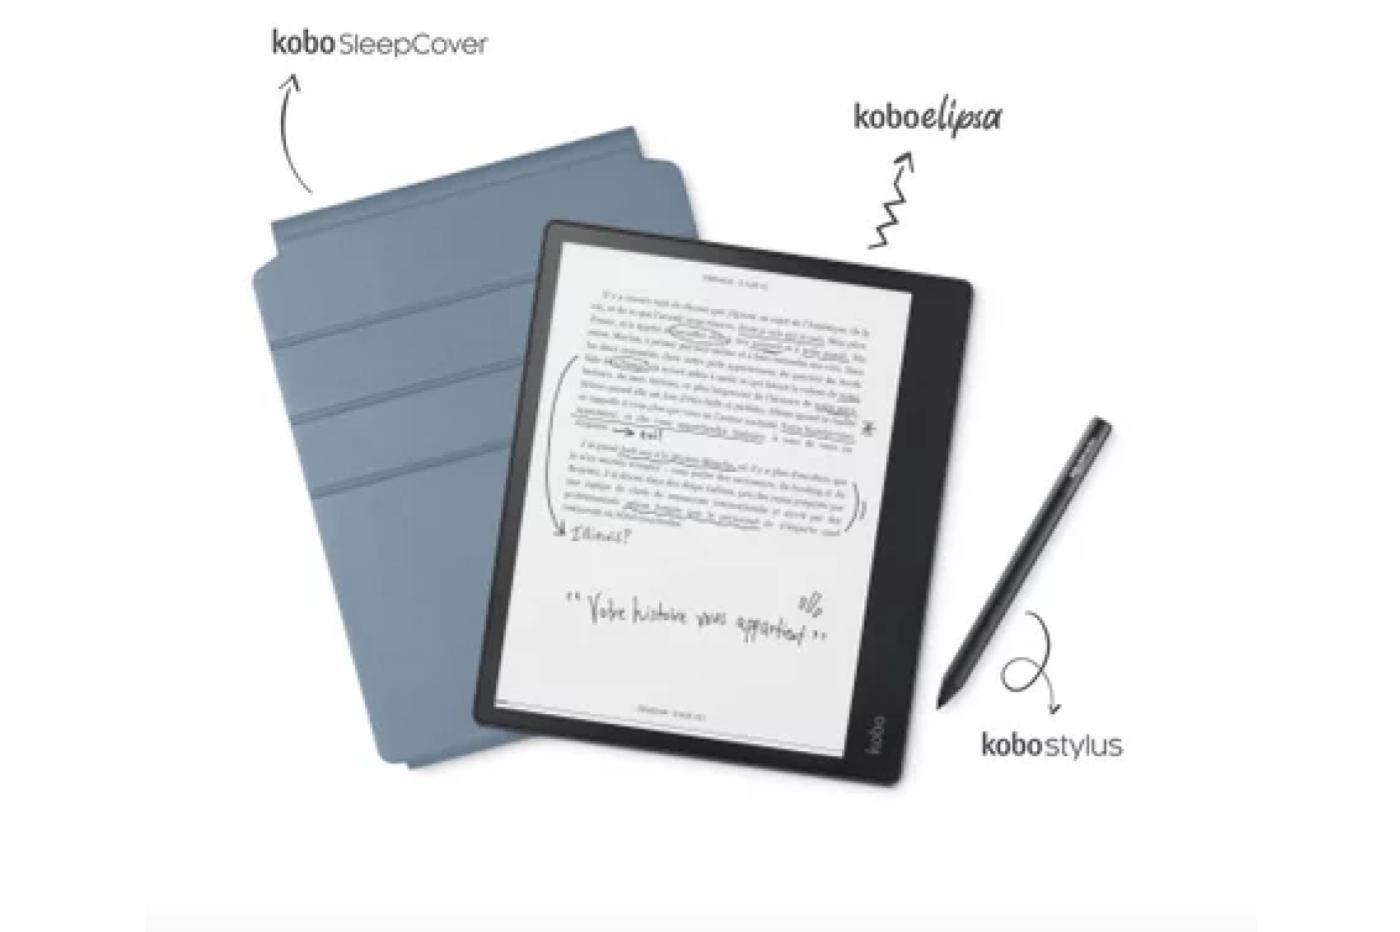 Kobo Elipsa e-reader